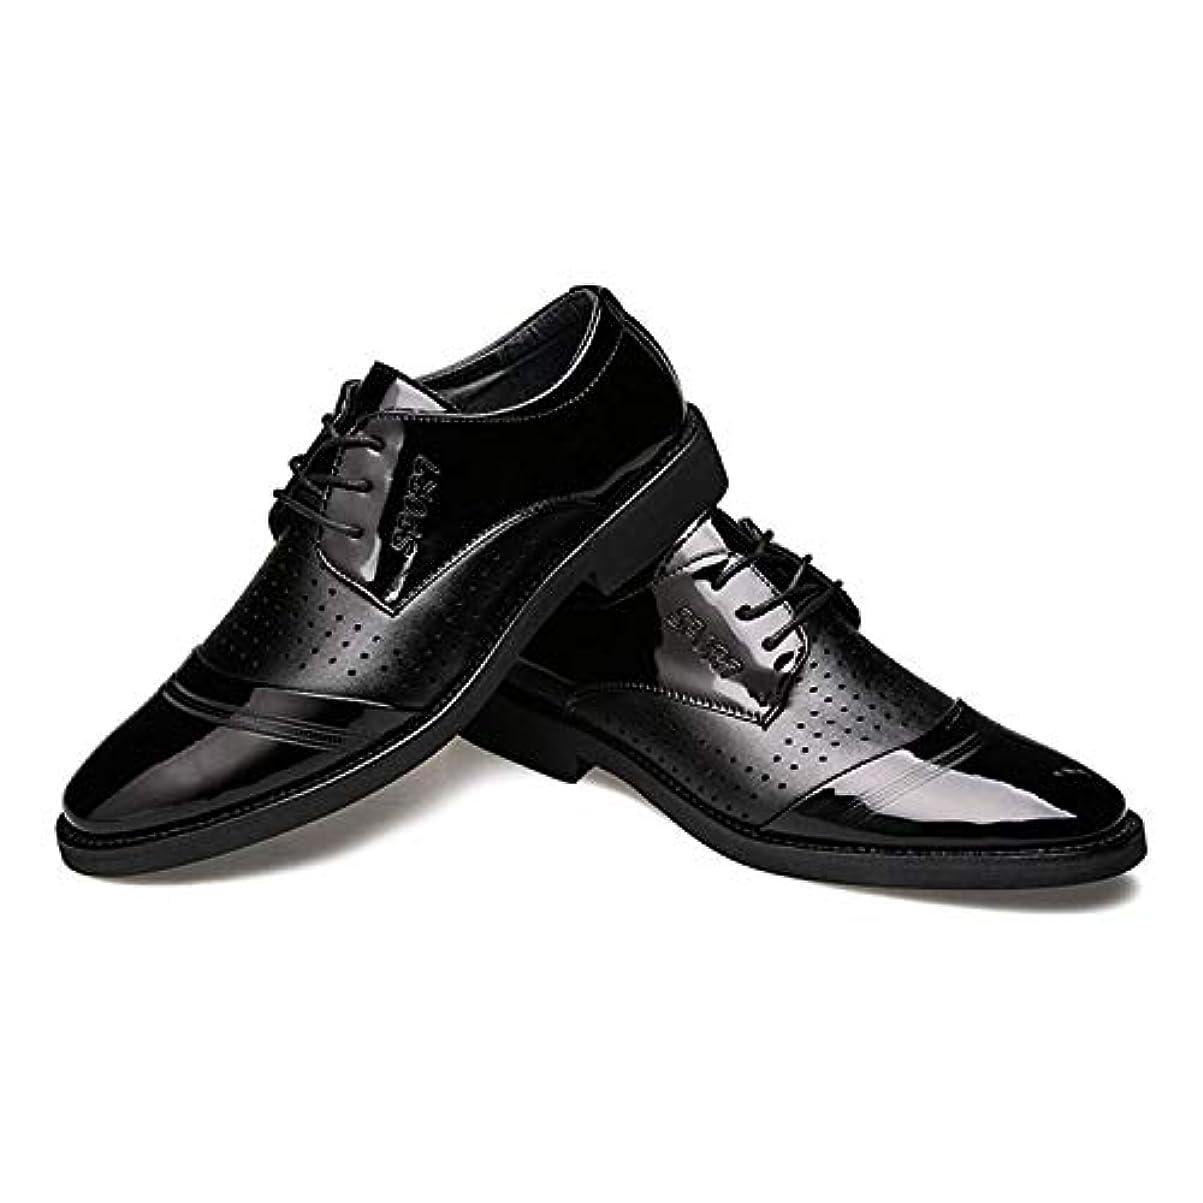 ひまわり追い付く偏差ビジネス 夏 イングランド風 メンズ レースアップ ドレスシューズ ポインテッドトゥ 通勤 通気性 滑りにくい 軽量 紳士靴 防滑 耐磨耗性 柔軟 フォーマル オフィス 革靴 防臭 快適 蒸れない ブラック 透かし雕り